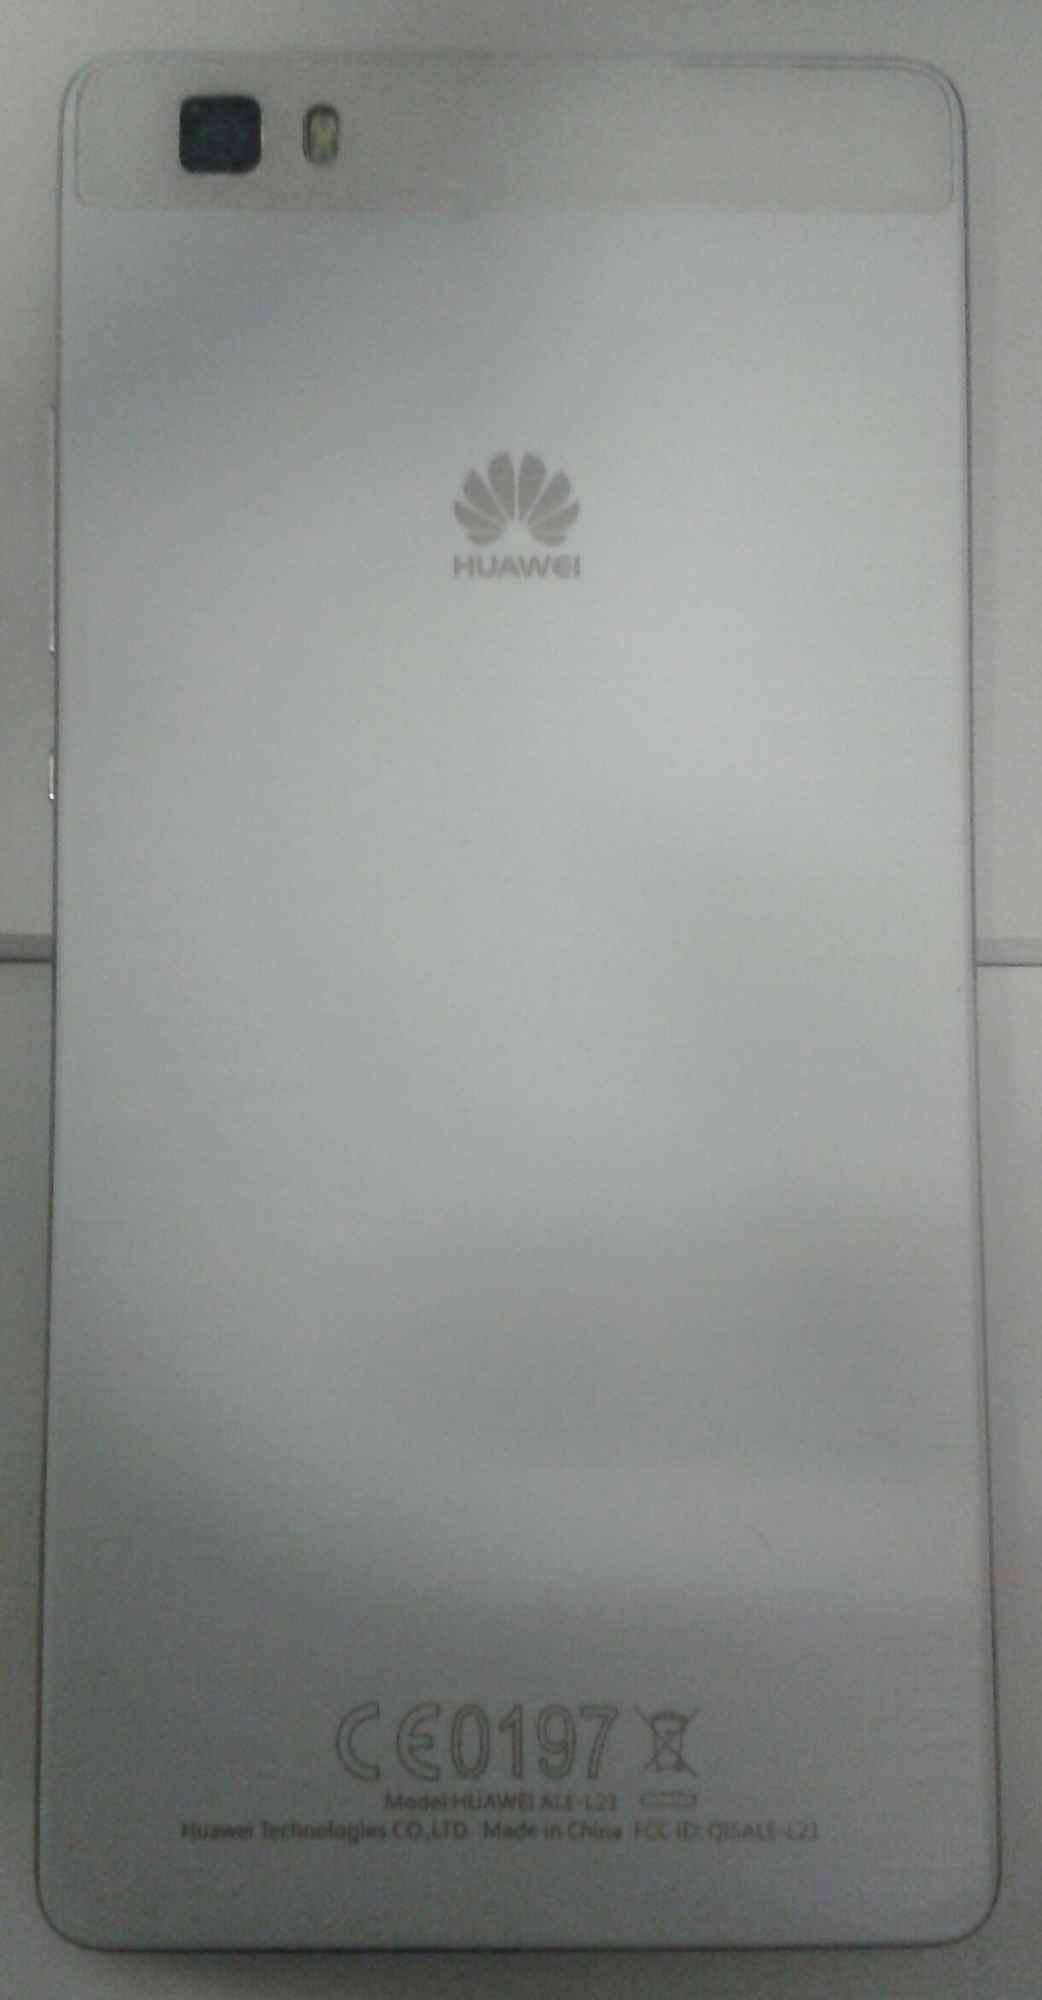 Huawei P 8 lite jak nowy Jelenia Góra - zdjęcie 2